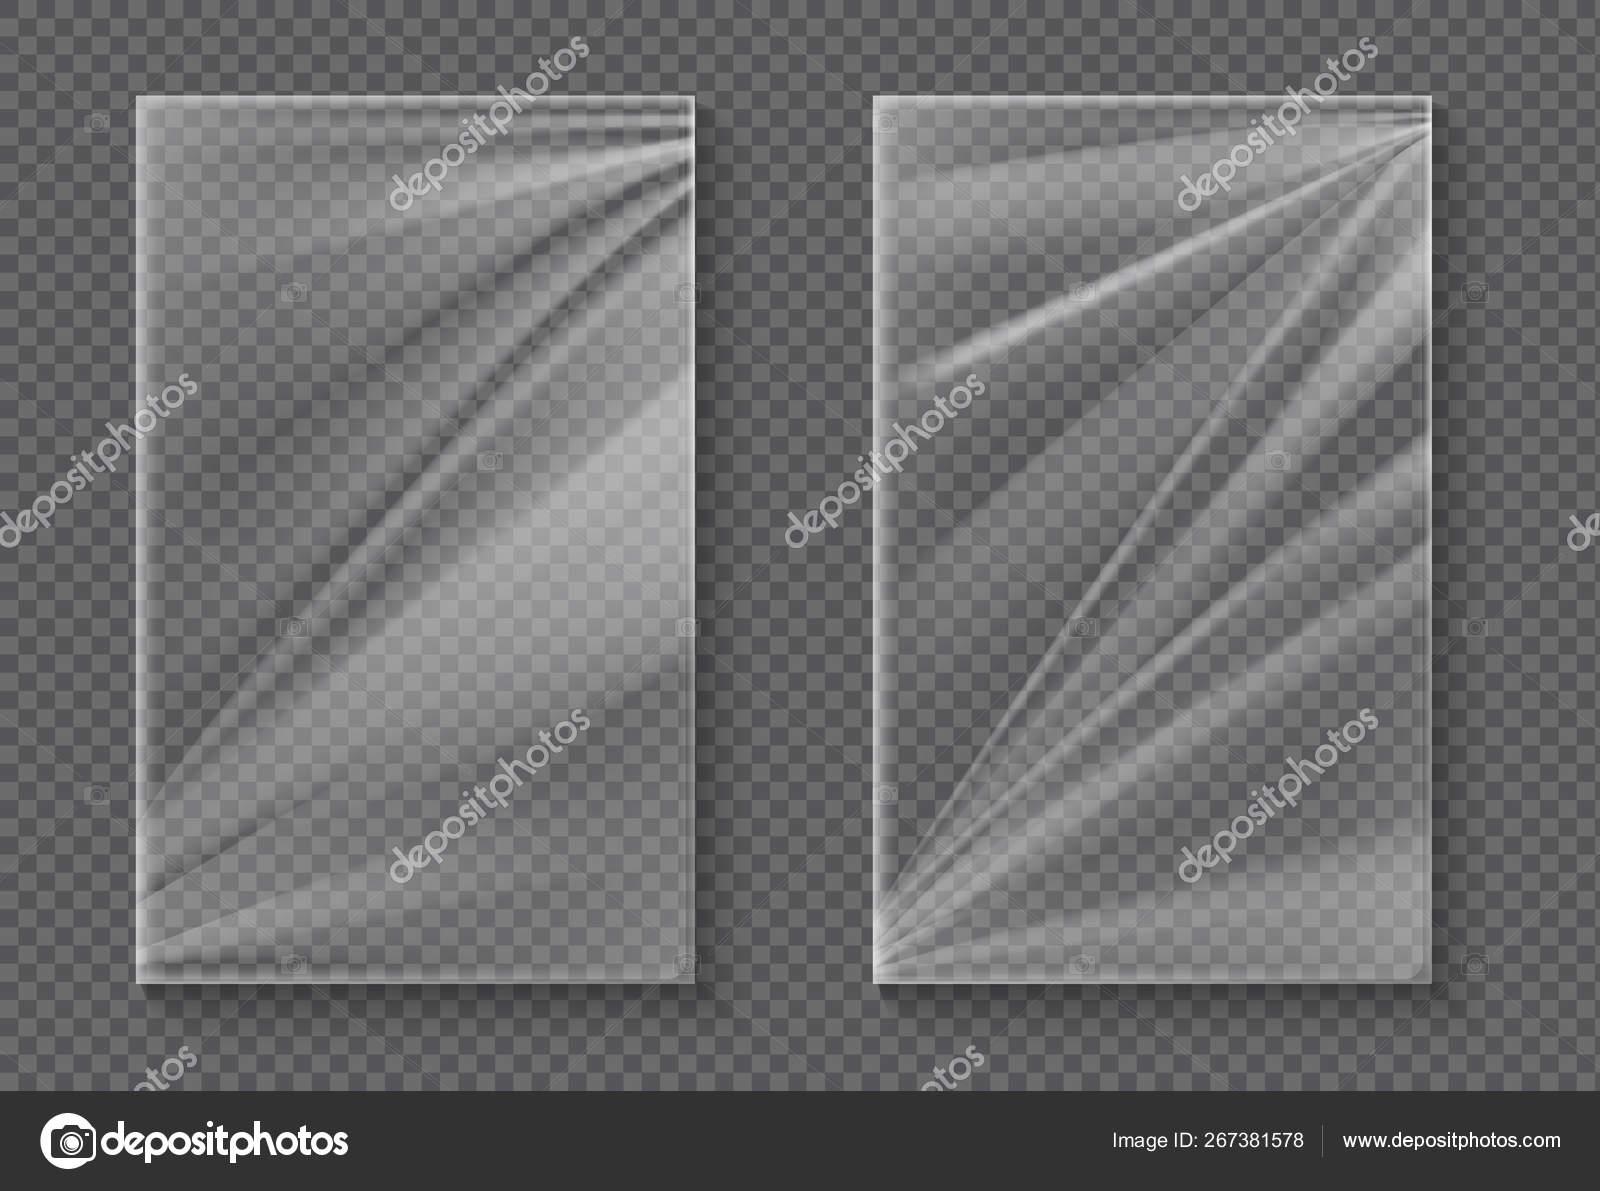 Plastic Foil Transparent Cellophane Wrap Mockup Realistic